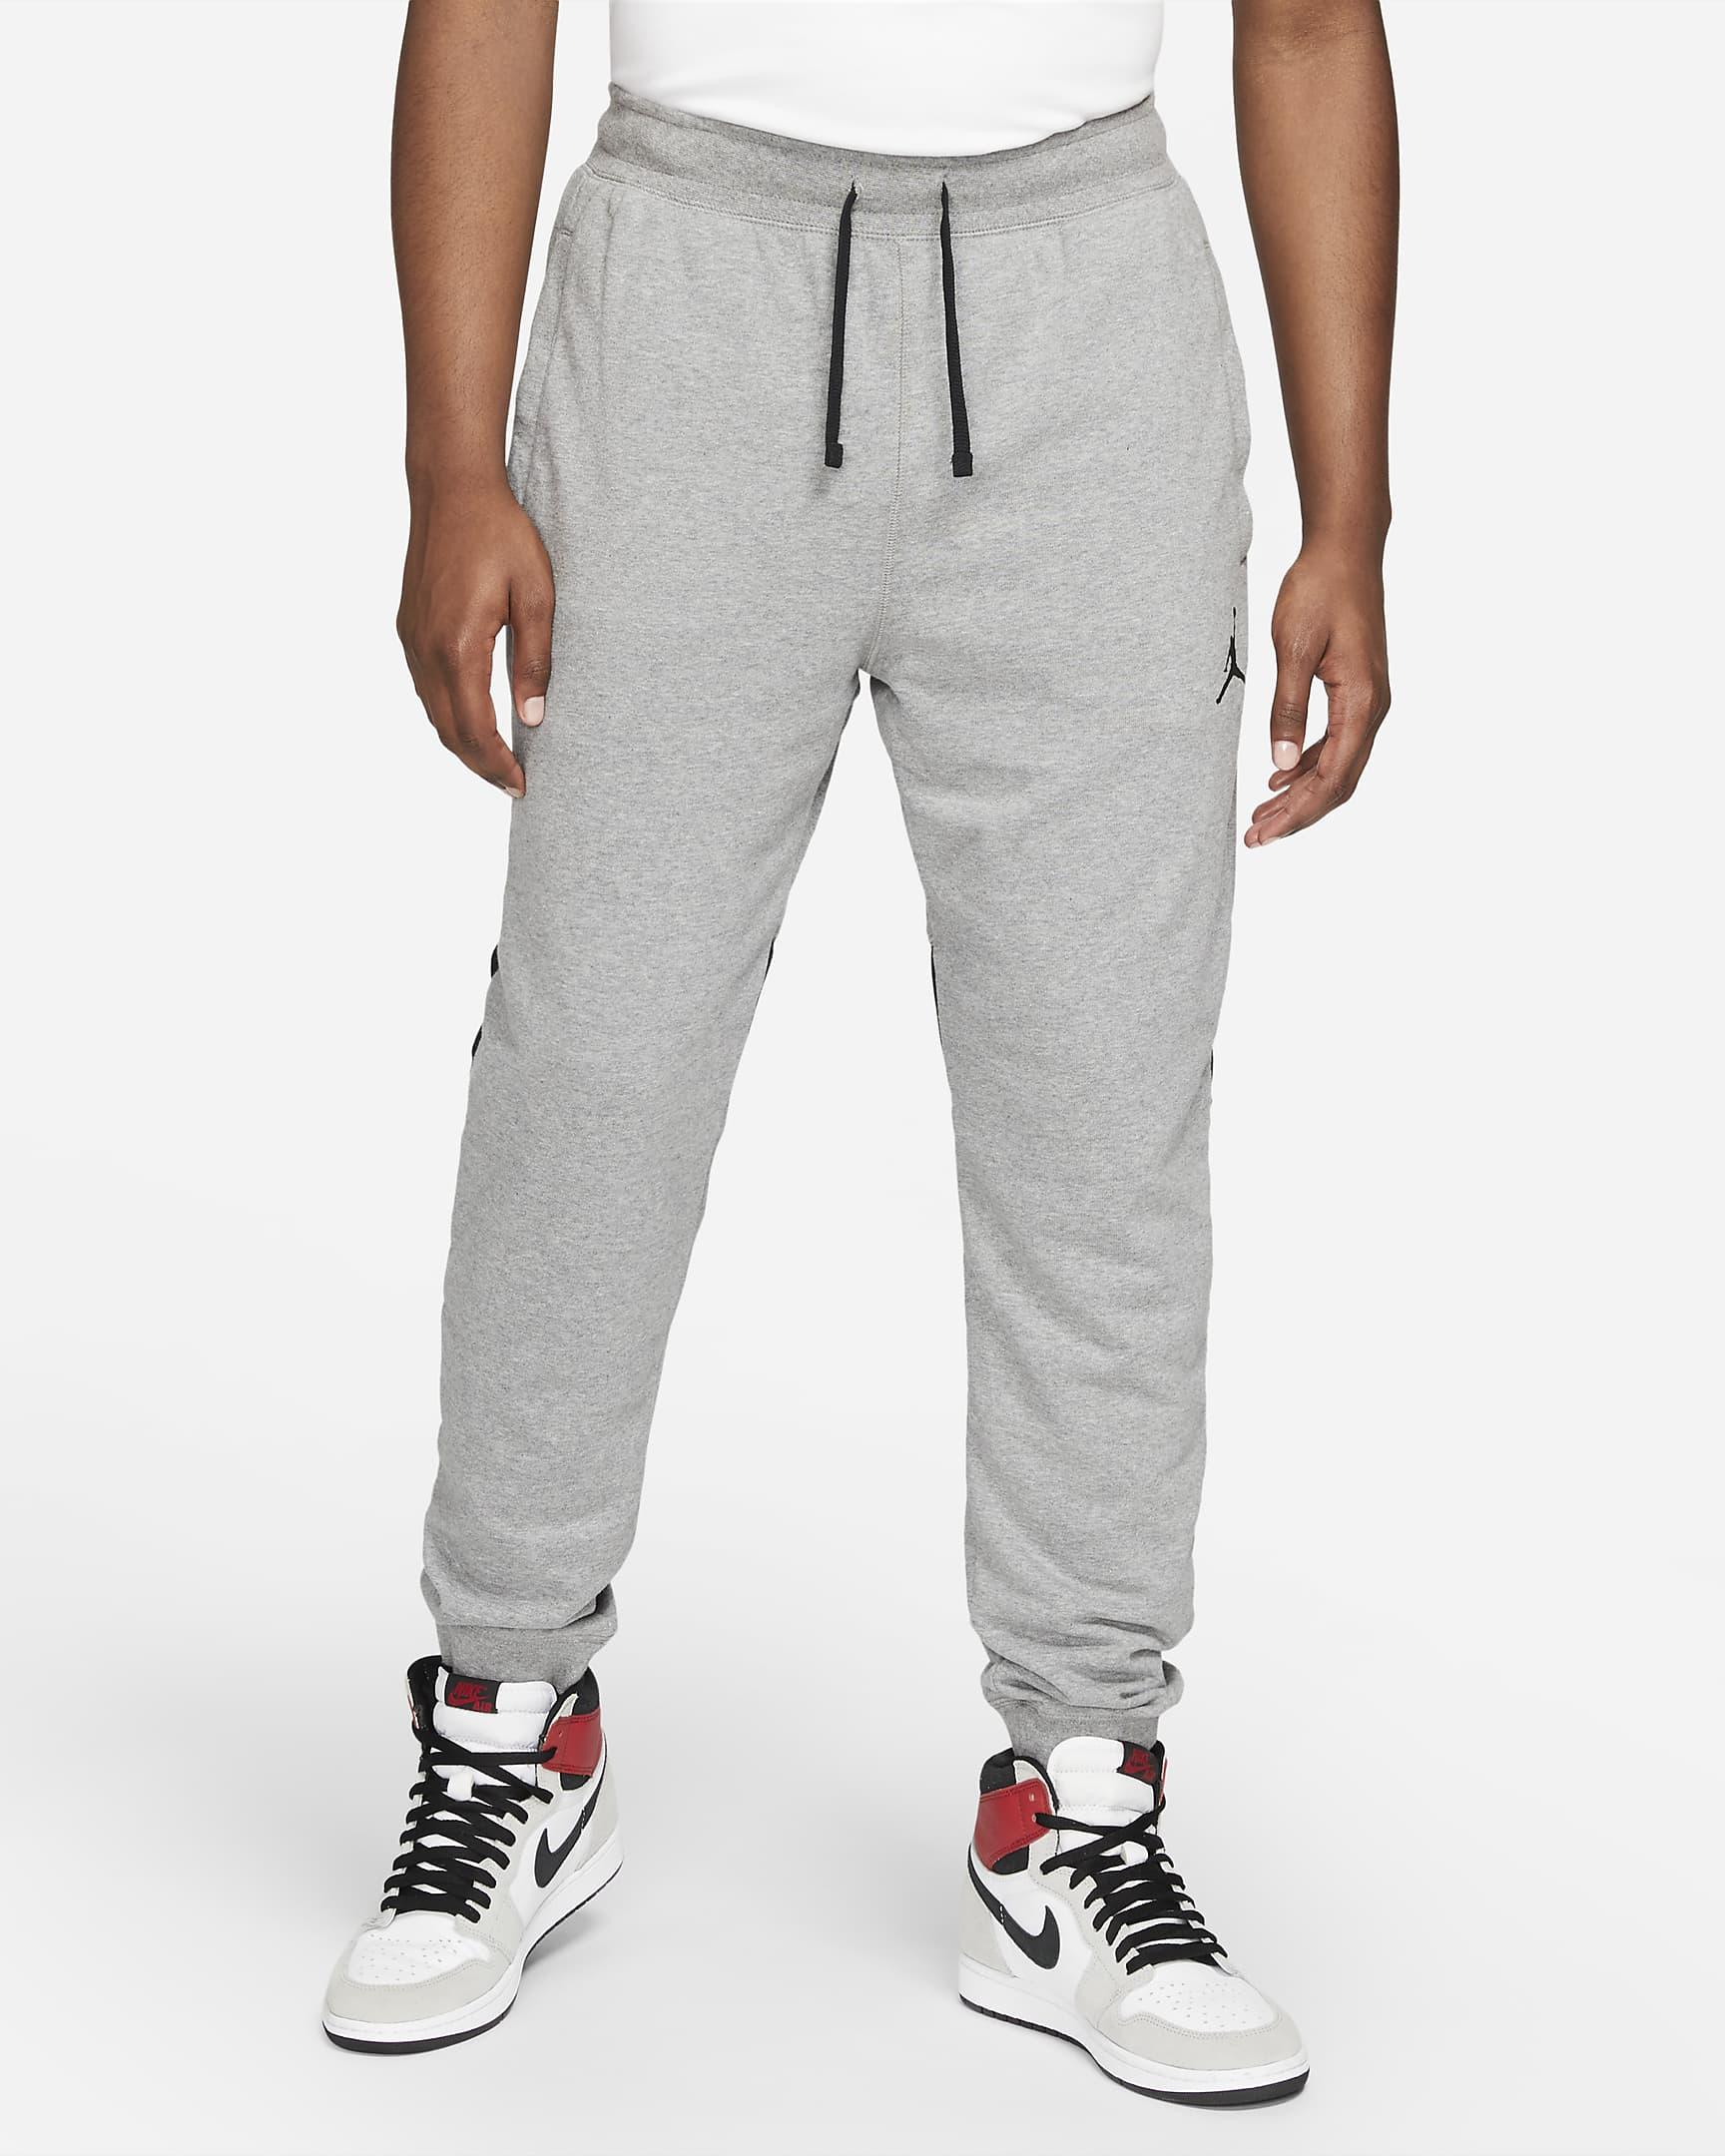 jordan-dri-fit-air-mens-fleece-pants-5bQBdM.png